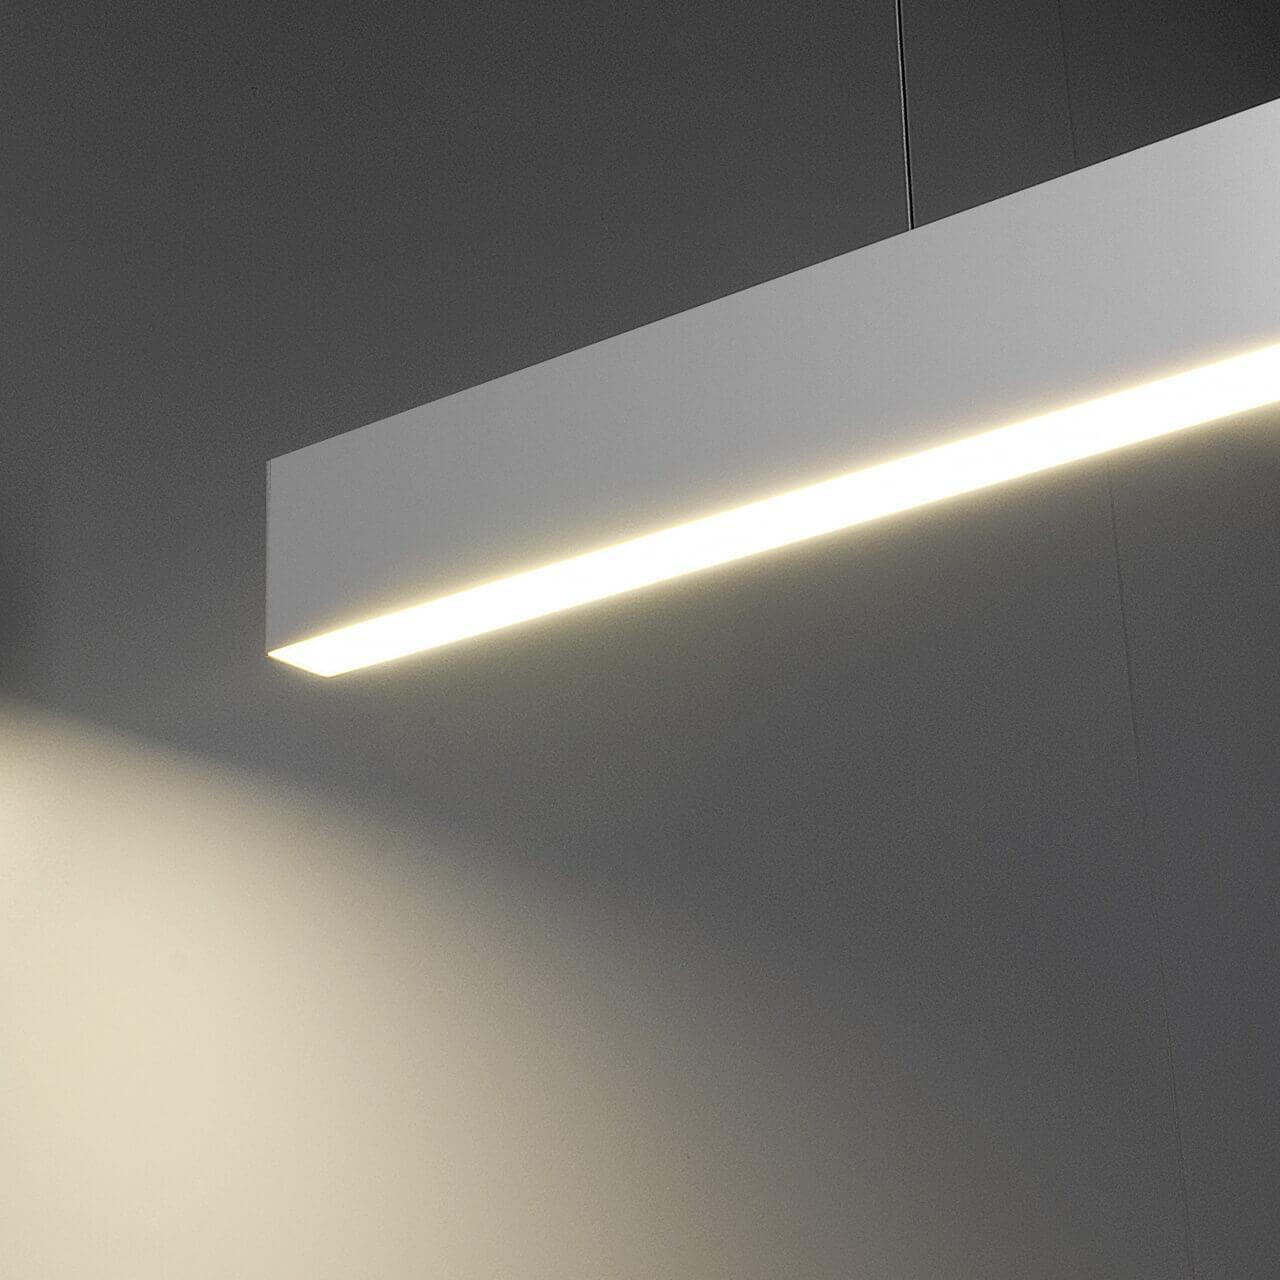 цены Подвесной светильник Elektrostandard 4690389129438, LED, 35 Вт